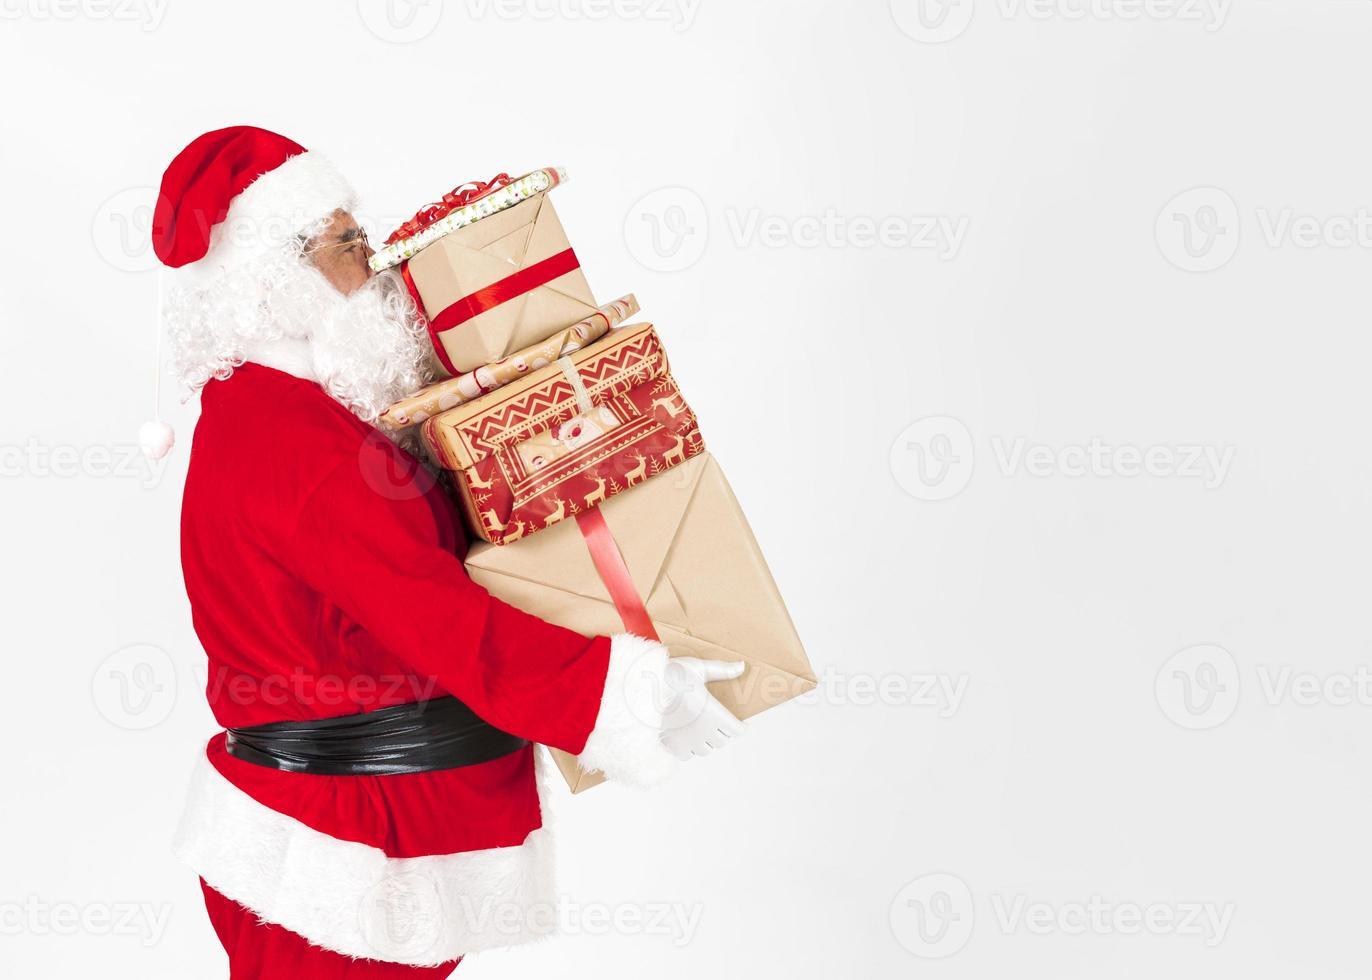 jultomten med julklappar foto